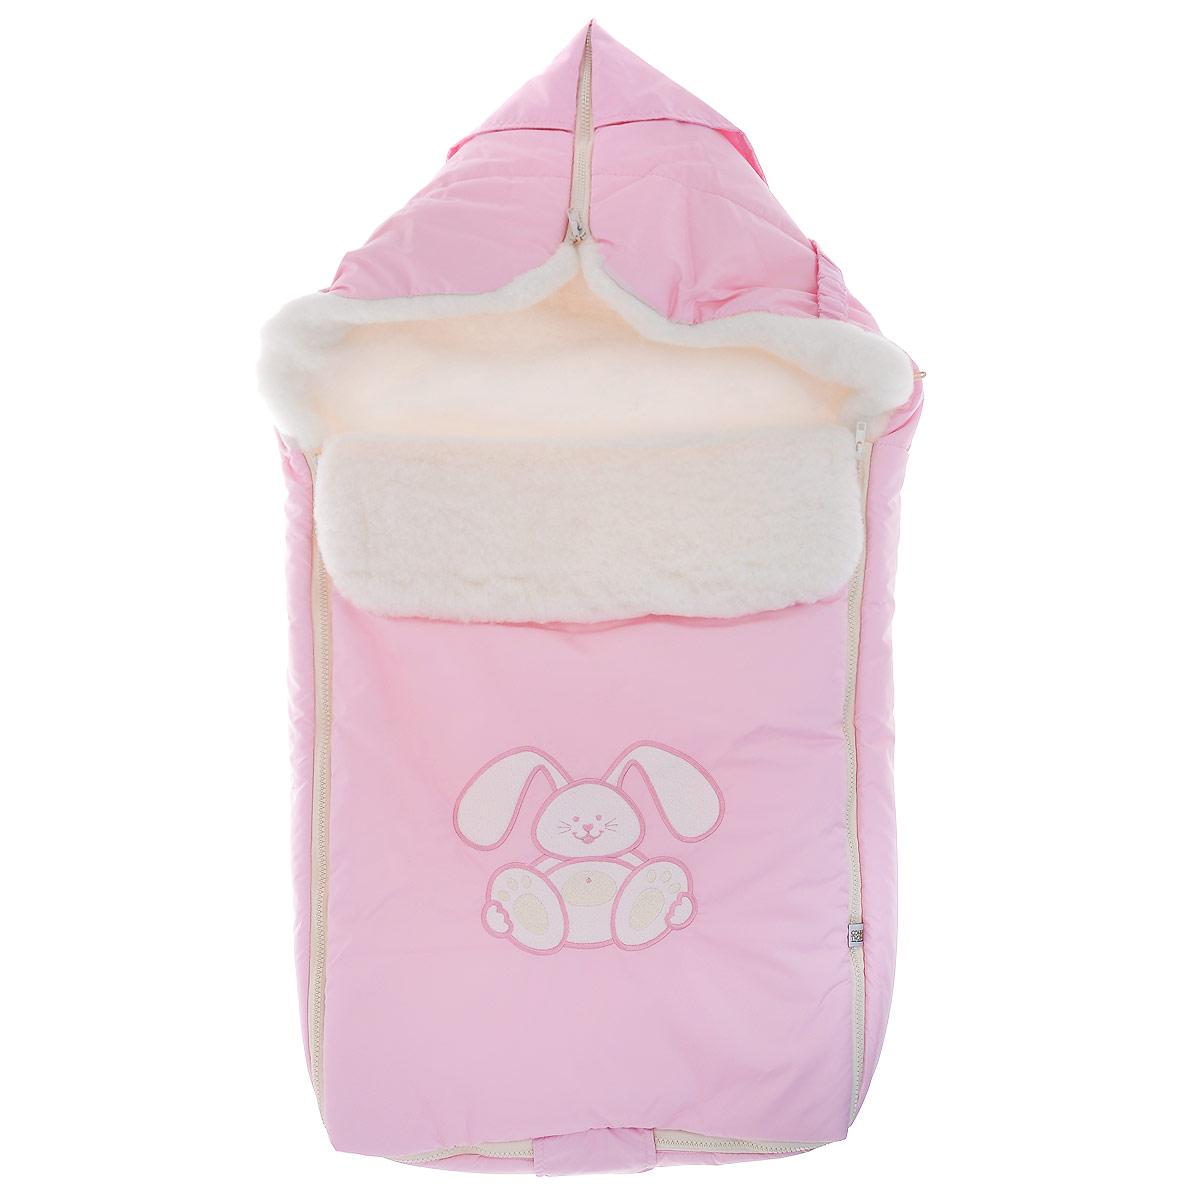 Конверт для новорожденного969/1Теплый конверт для новорожденного Сонный Гномик Зайчик идеально подойдет для ребенка в холодное время года. Конверт изготовлен из водоотталкивающей и ветрозащитной ткани Dewspo (100% полиэстер) на подкладке из шерсти с добавлением полиэстера. В качестве утеплителя используется шелтер (100% полиэстер). Шелтер (Shelter) - утеплитель нового поколения с тонкими волокнами. Его более мягкие ячейки лучше удерживают воздух, эффективнее сохраняя тепло. Более частые связи между волокнами делают утеплитель прочным и позволяют сохранить его свойства даже после многократных стирок. Утеплитель шелтер максимально защищает от холода и не стесняет движений. Верхняя часть конверта может использоваться в качестве капюшона в ветреную или холодную погоду и надеваться на спинку коляски благодаря эластичным ремешкам и вставке. С помощью застежки-молнии верх принимает вид треугольного капюшона. Пластиковая застежка-молния по бокам и нижнему краю изделия помогает с легкостью доставать малыша из...